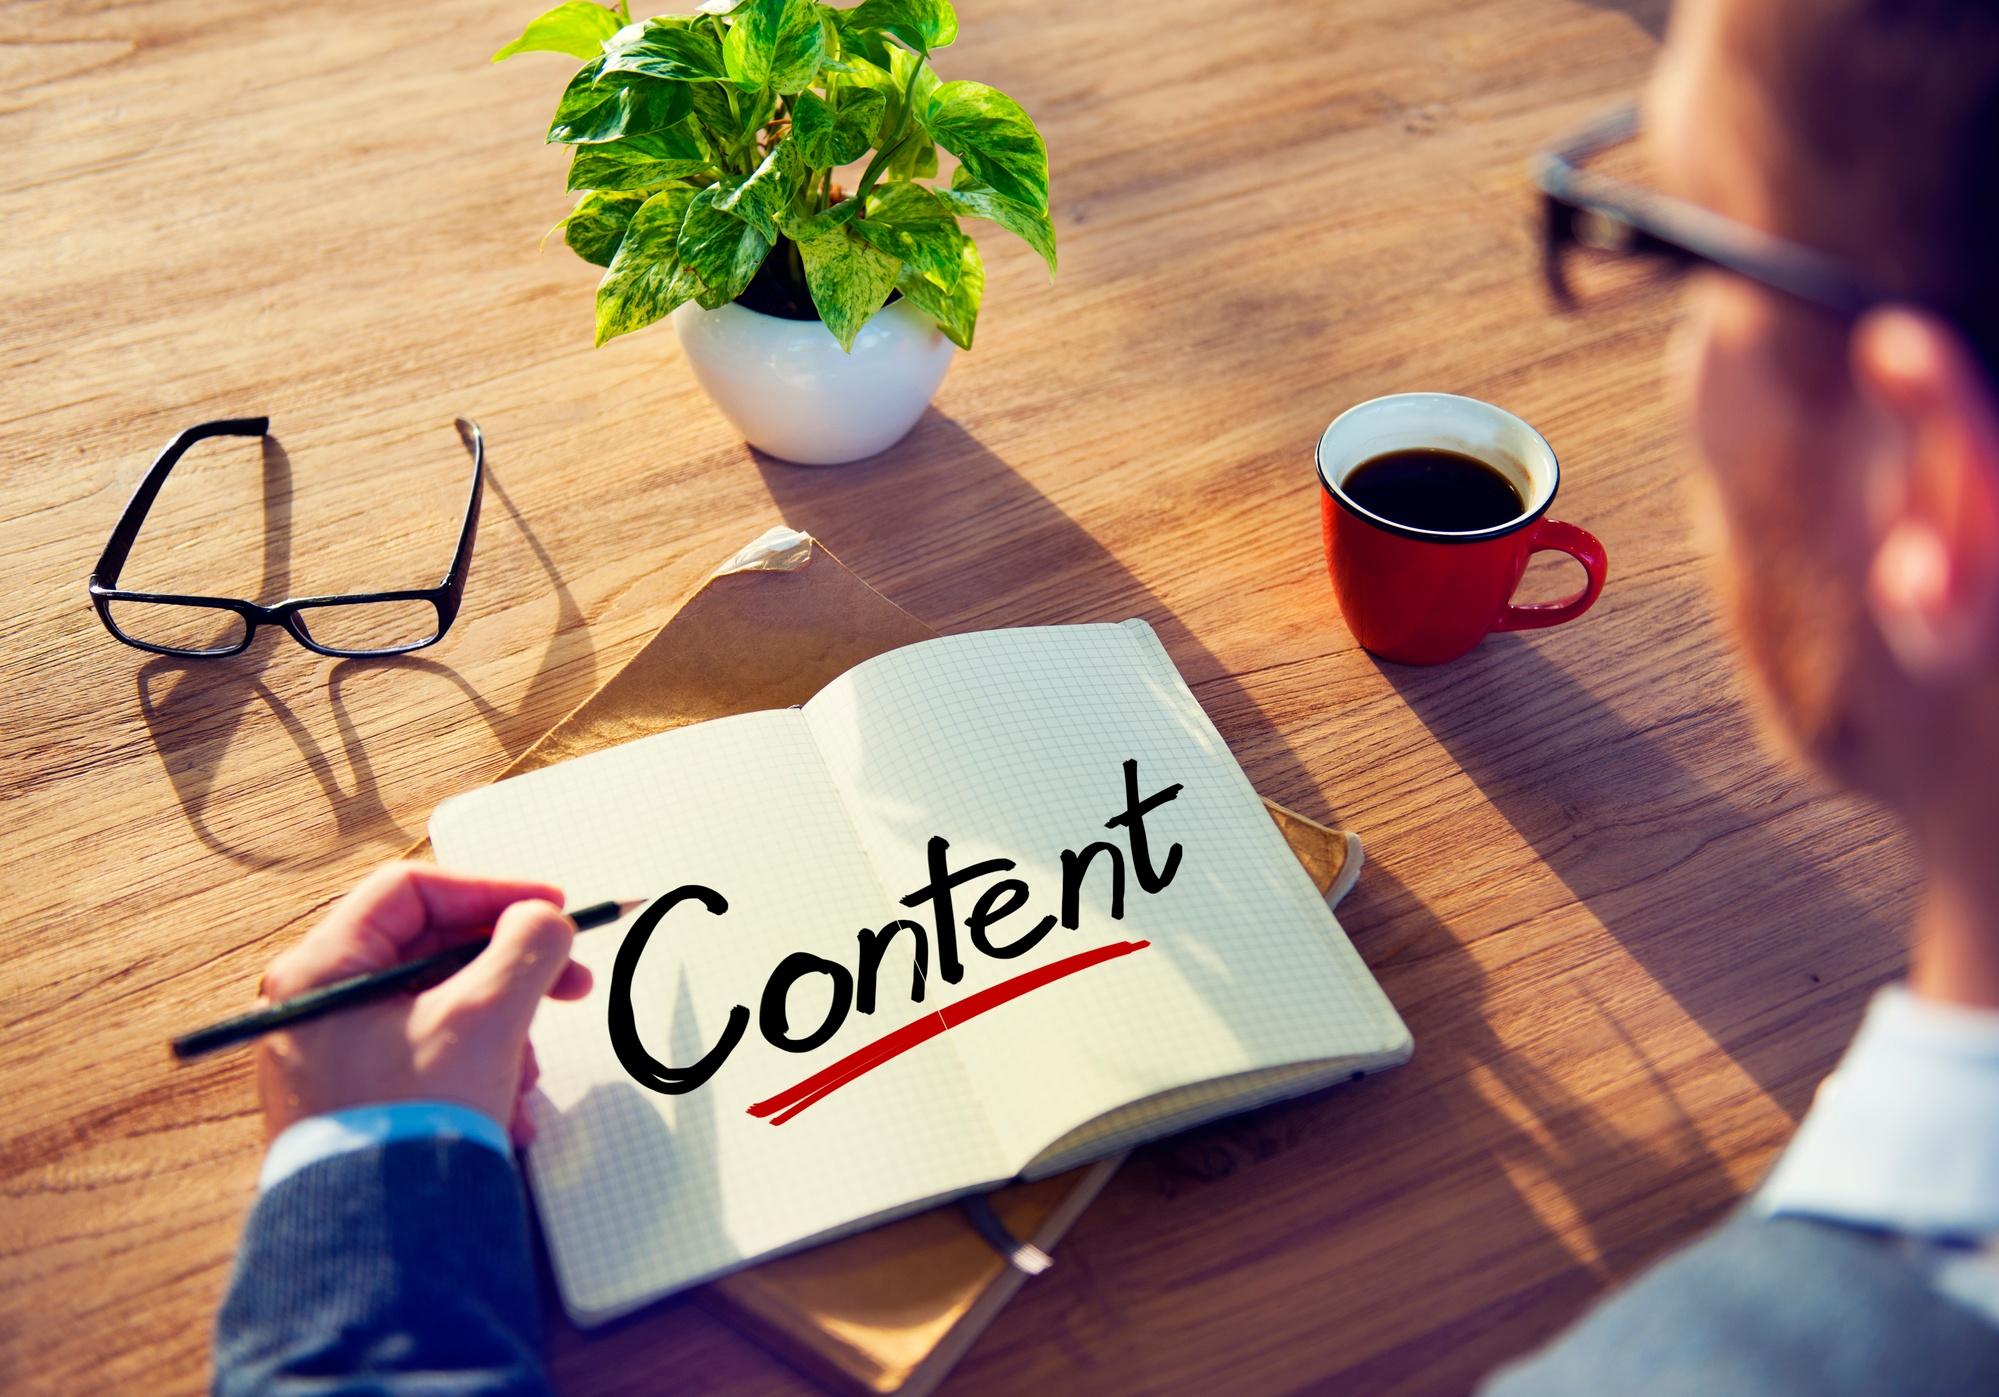 Chi nella tua azienda dovrebbe contribuire di più alla strategia di Content Marketing?